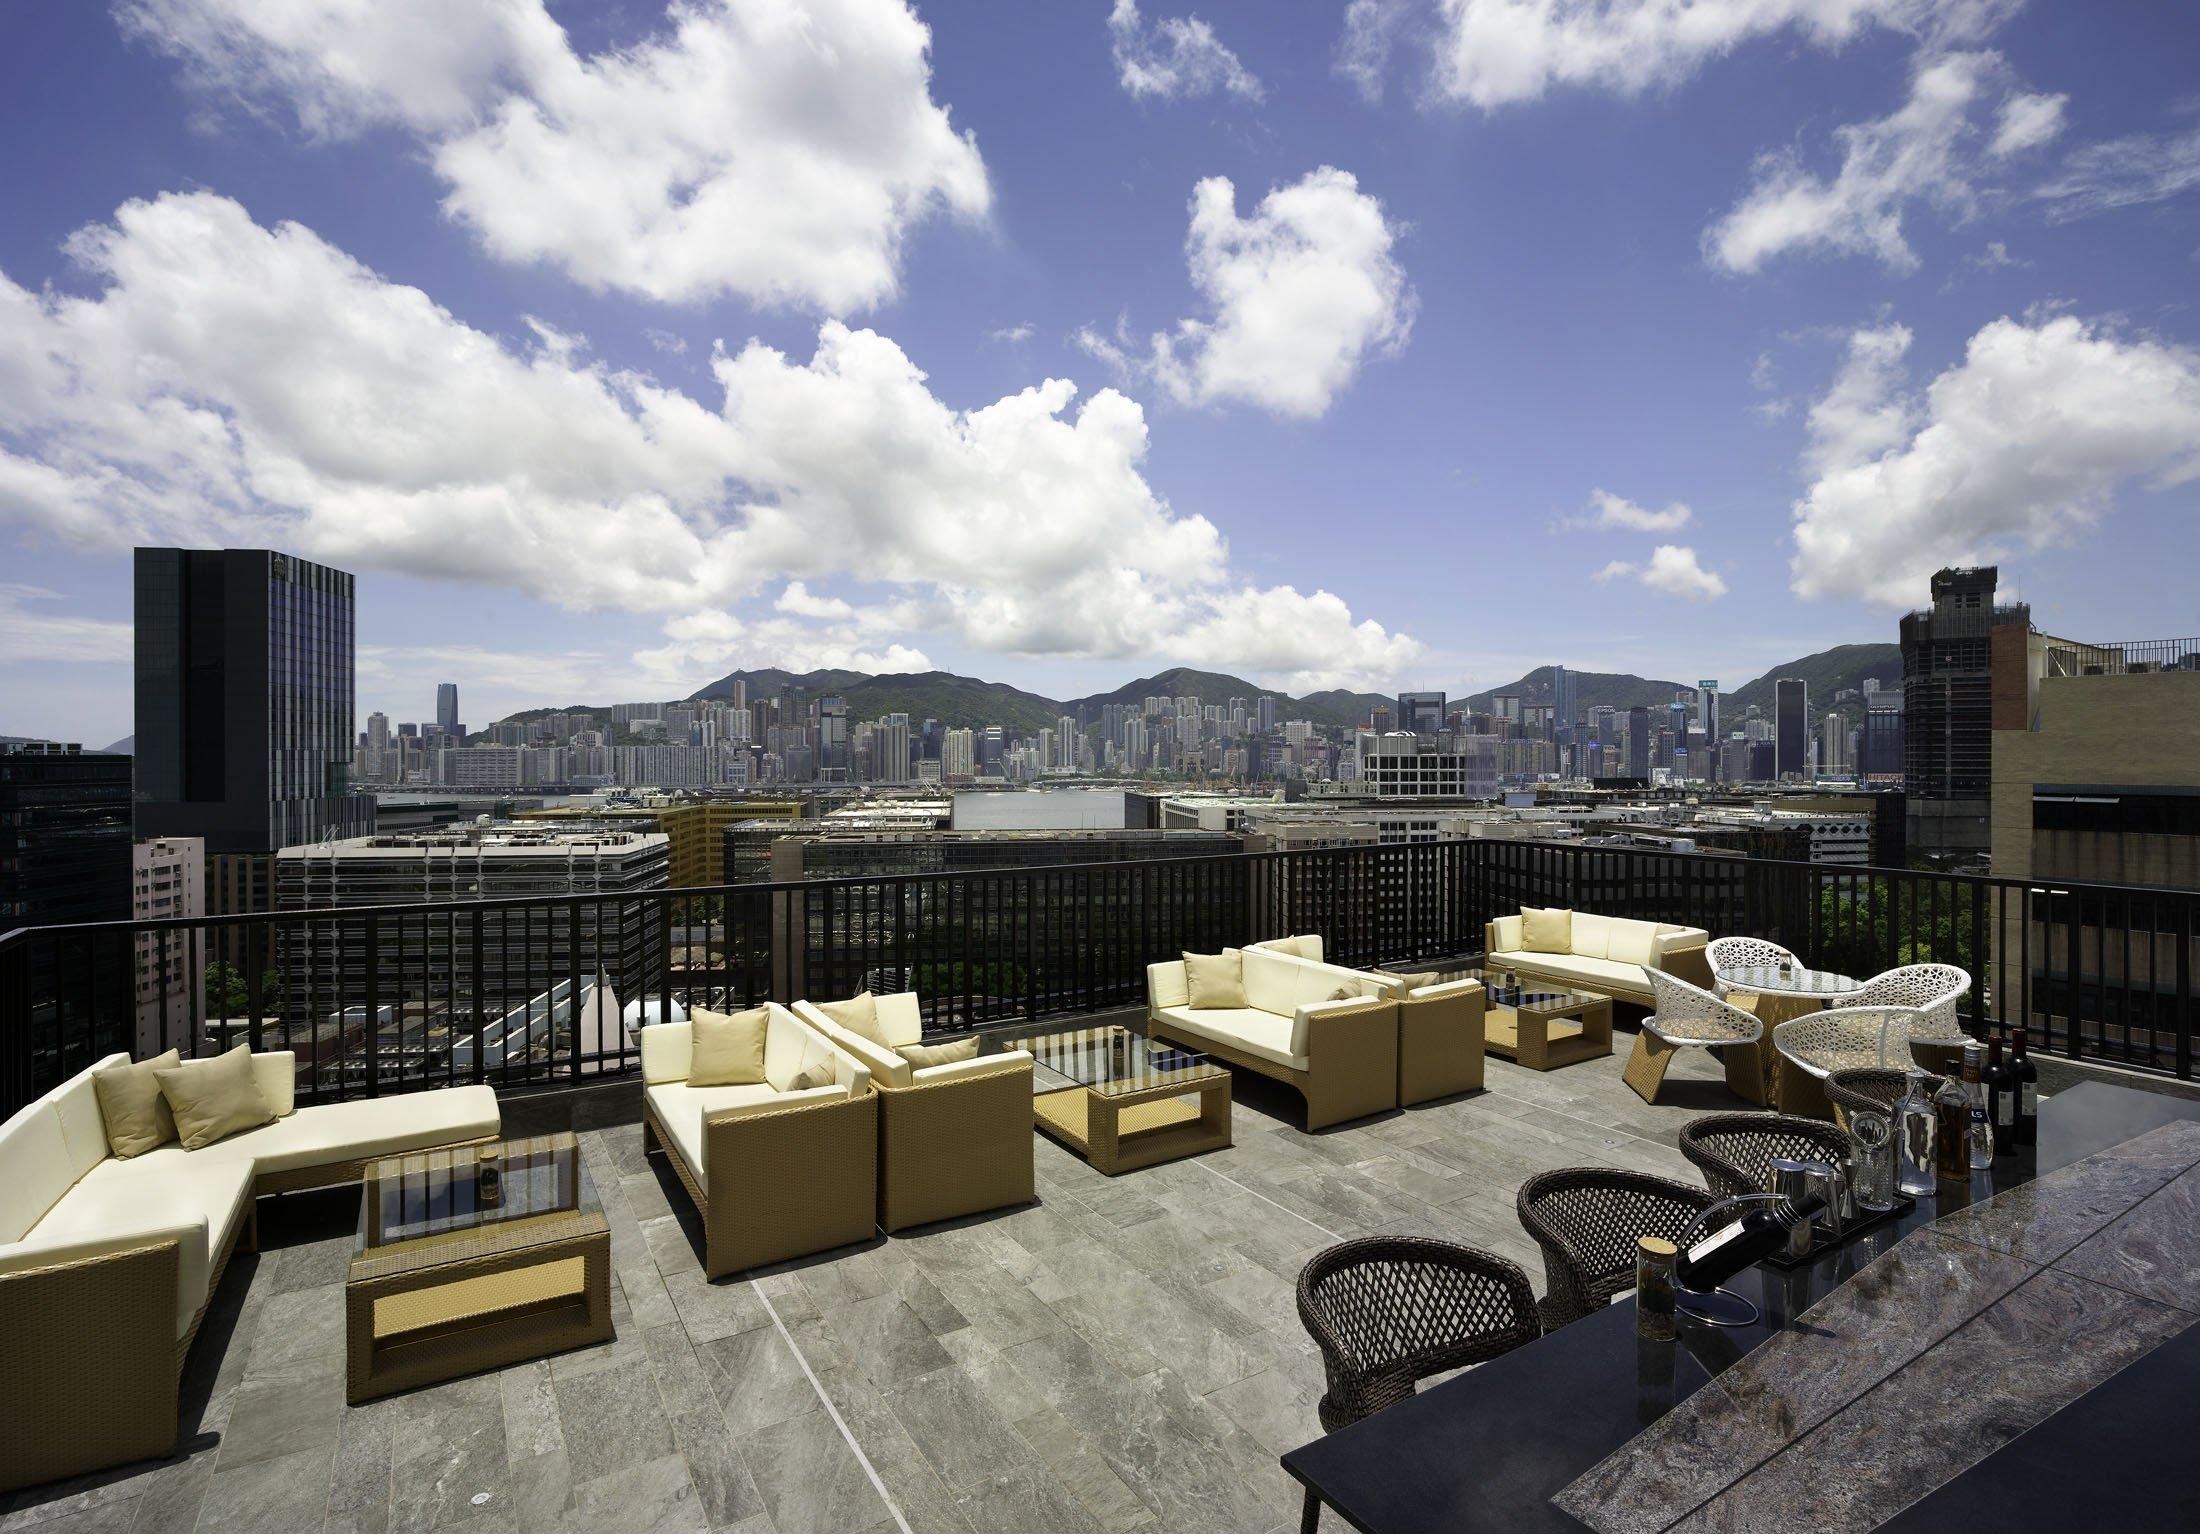 香港珀薈酒店 Hong Kong Popway Hotel-Sky Deck 星光套餐 B (雙人)